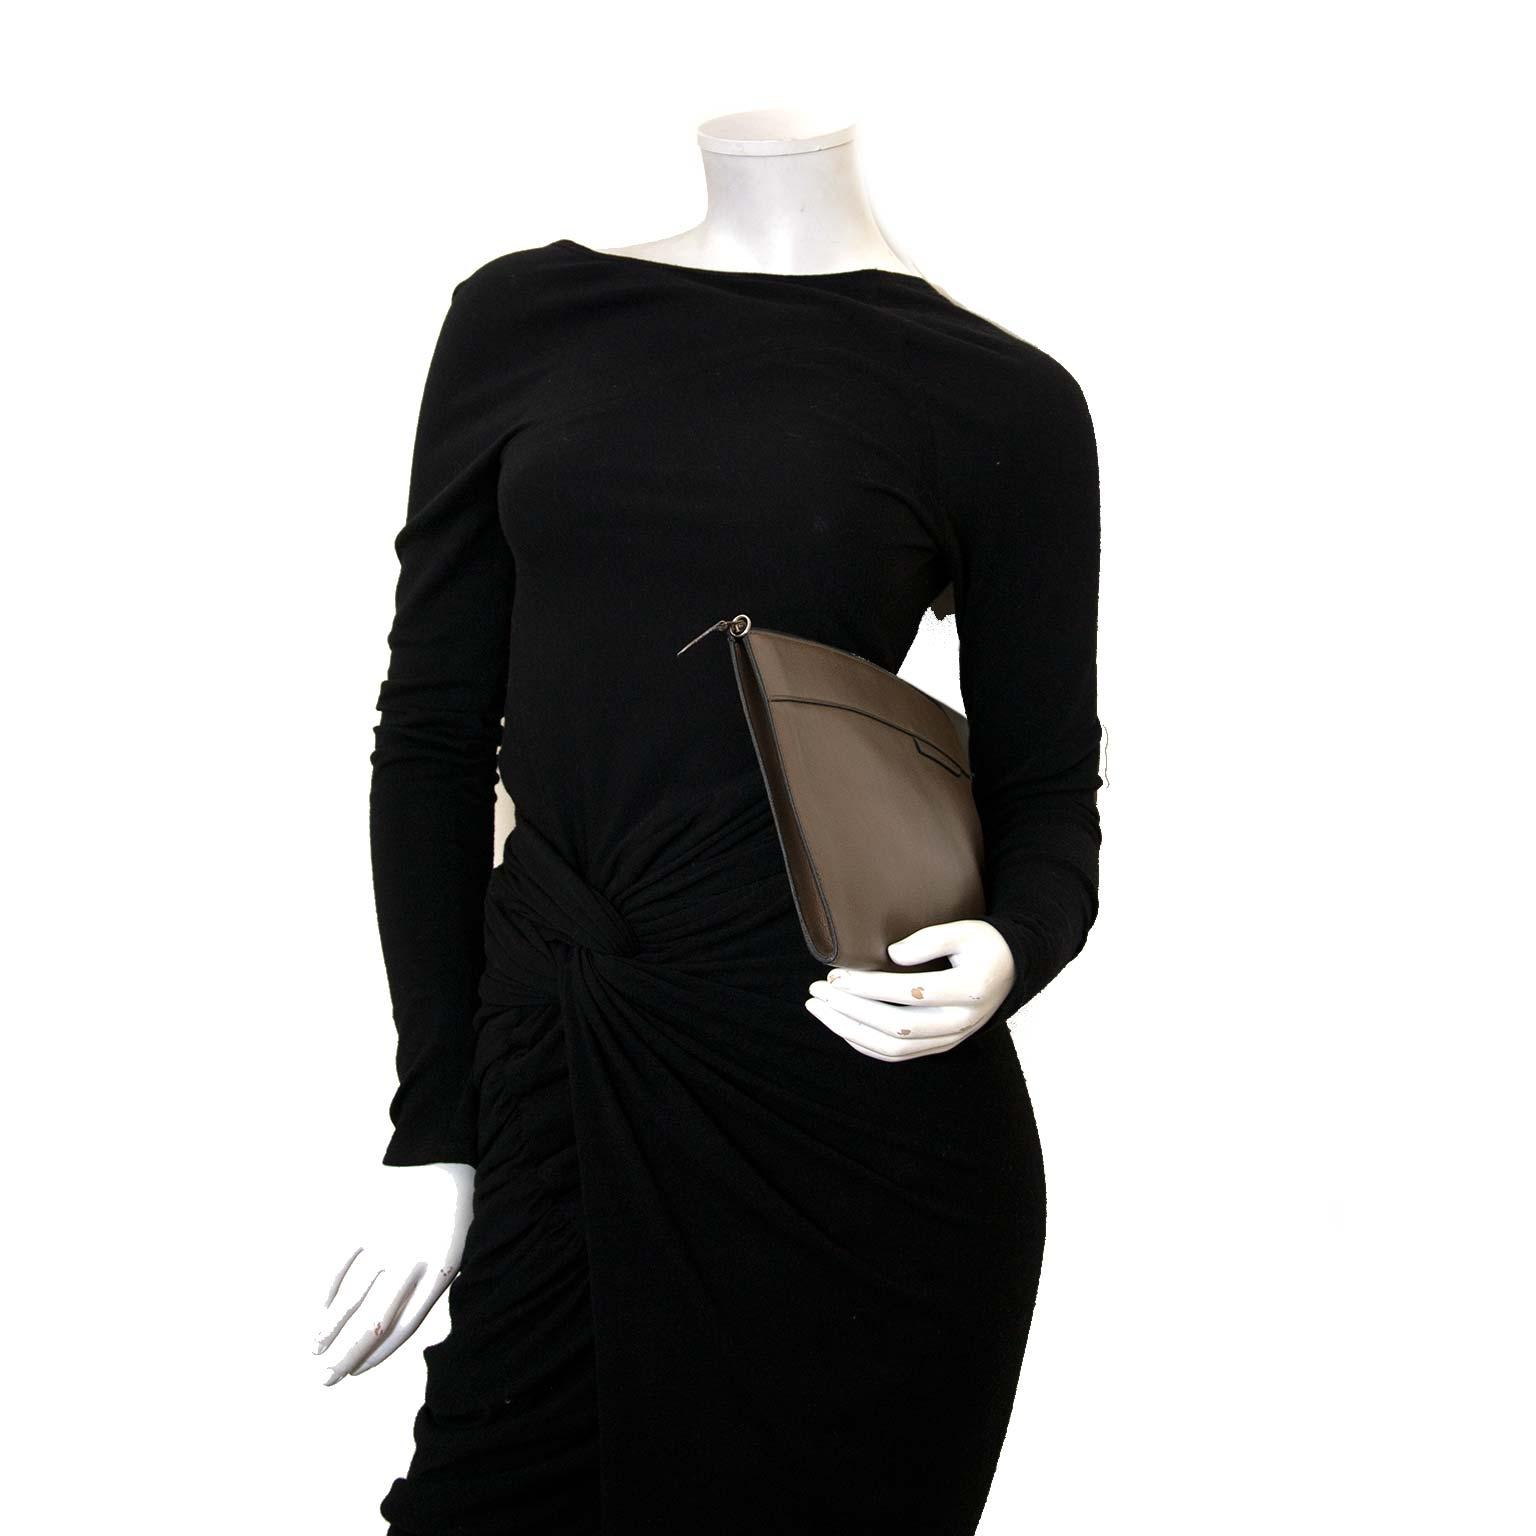 koop Delvaux Taupe Leather Clutch bij labellov antwerpen